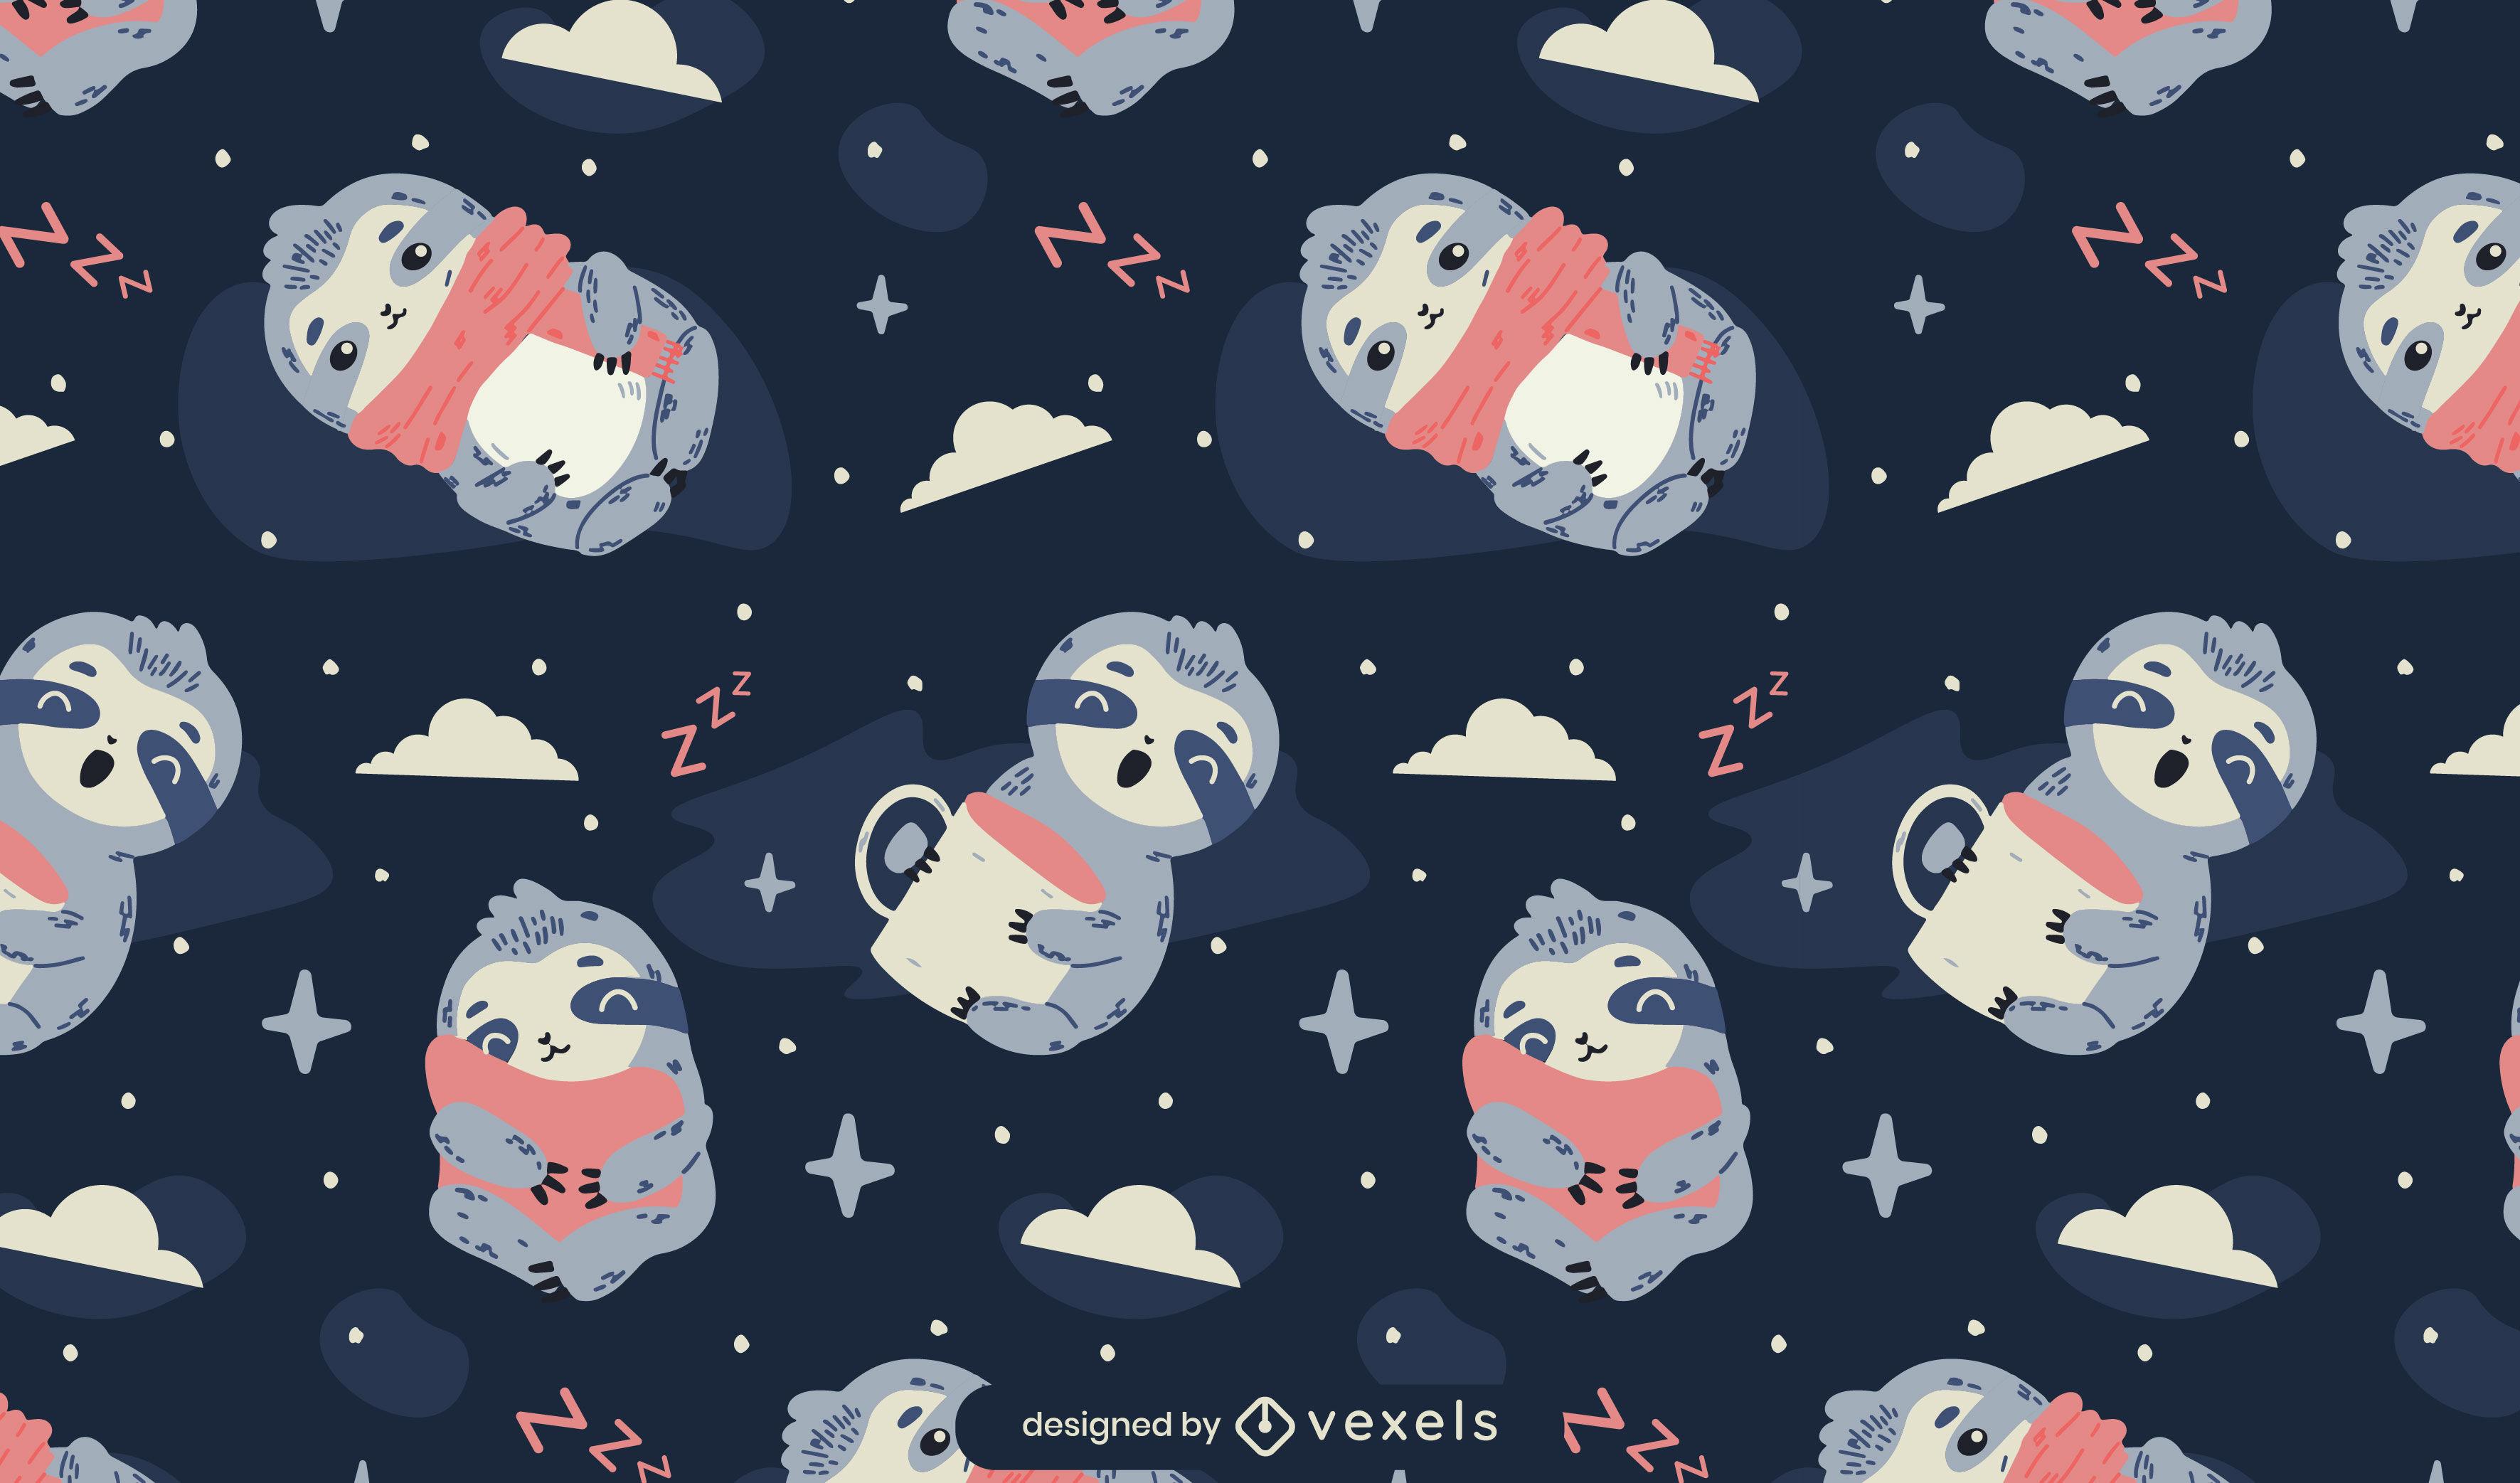 Desenho de padrão tileable de preguiças sonolentas fofas